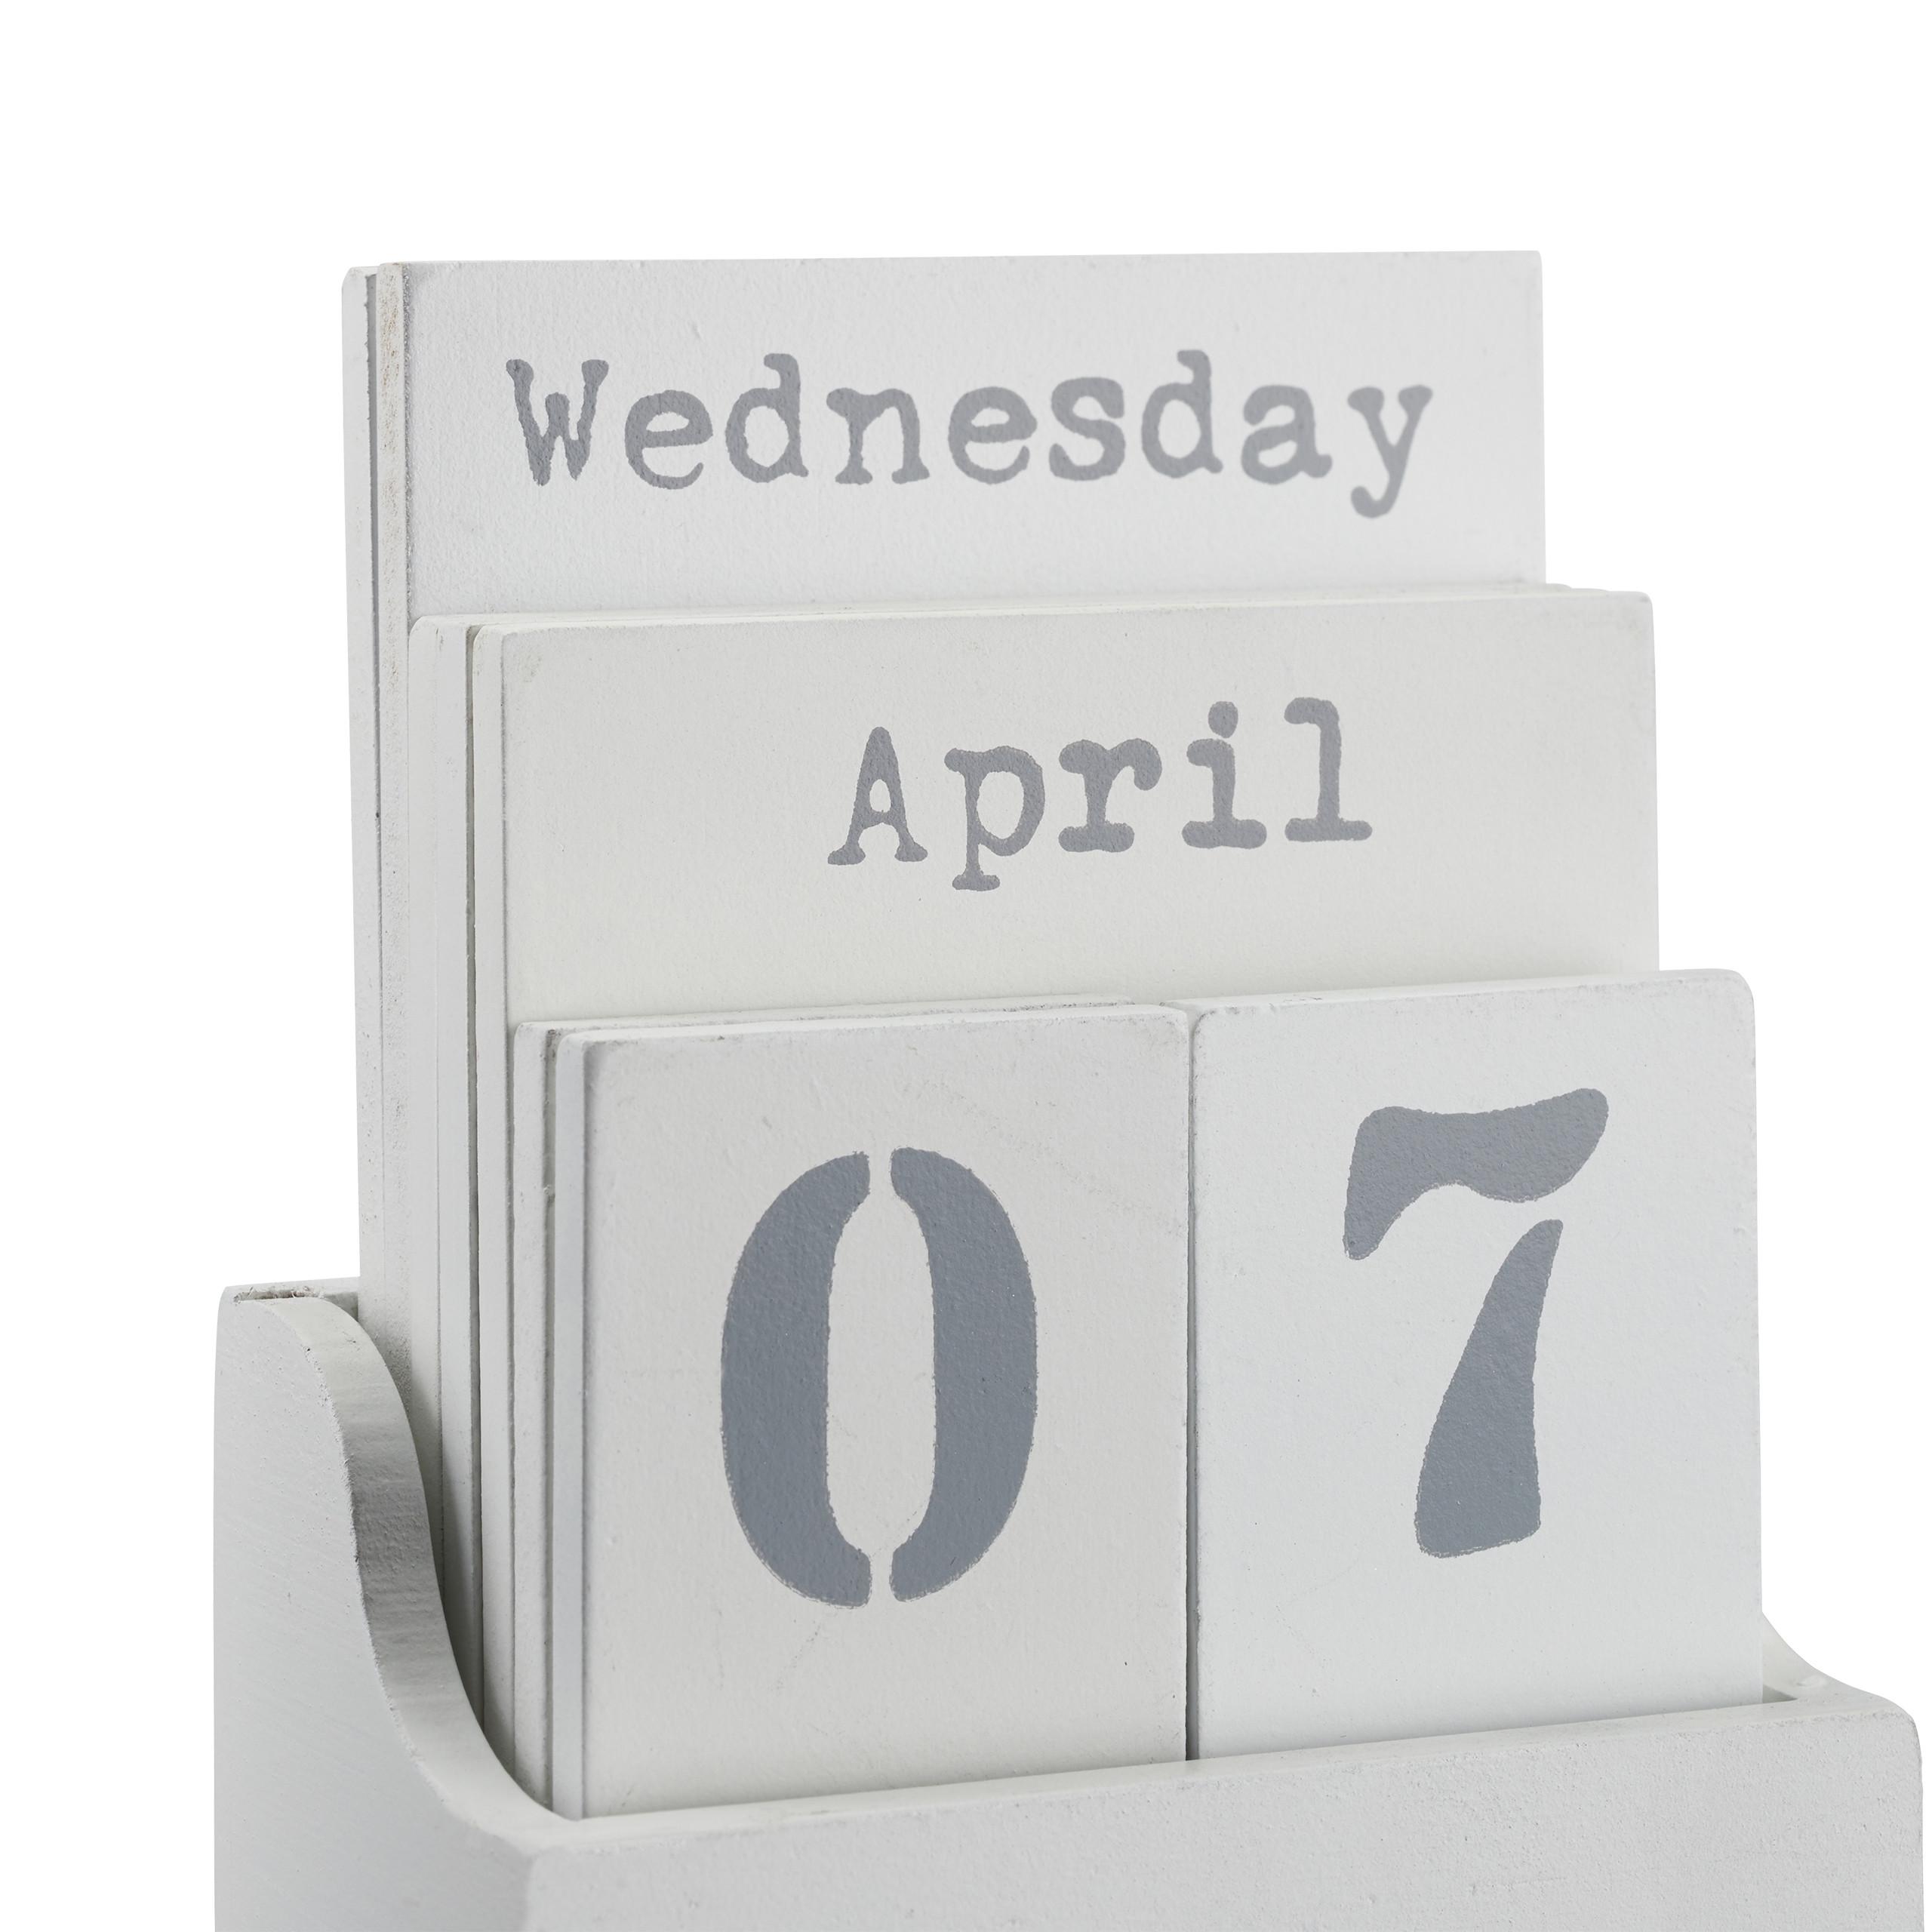 A6 dekorativ f/ür Tisch grau Holzkalender mit Wochentag Ewiger Kalender Monat /& Datum Relaxdays Dauerkalender Holz